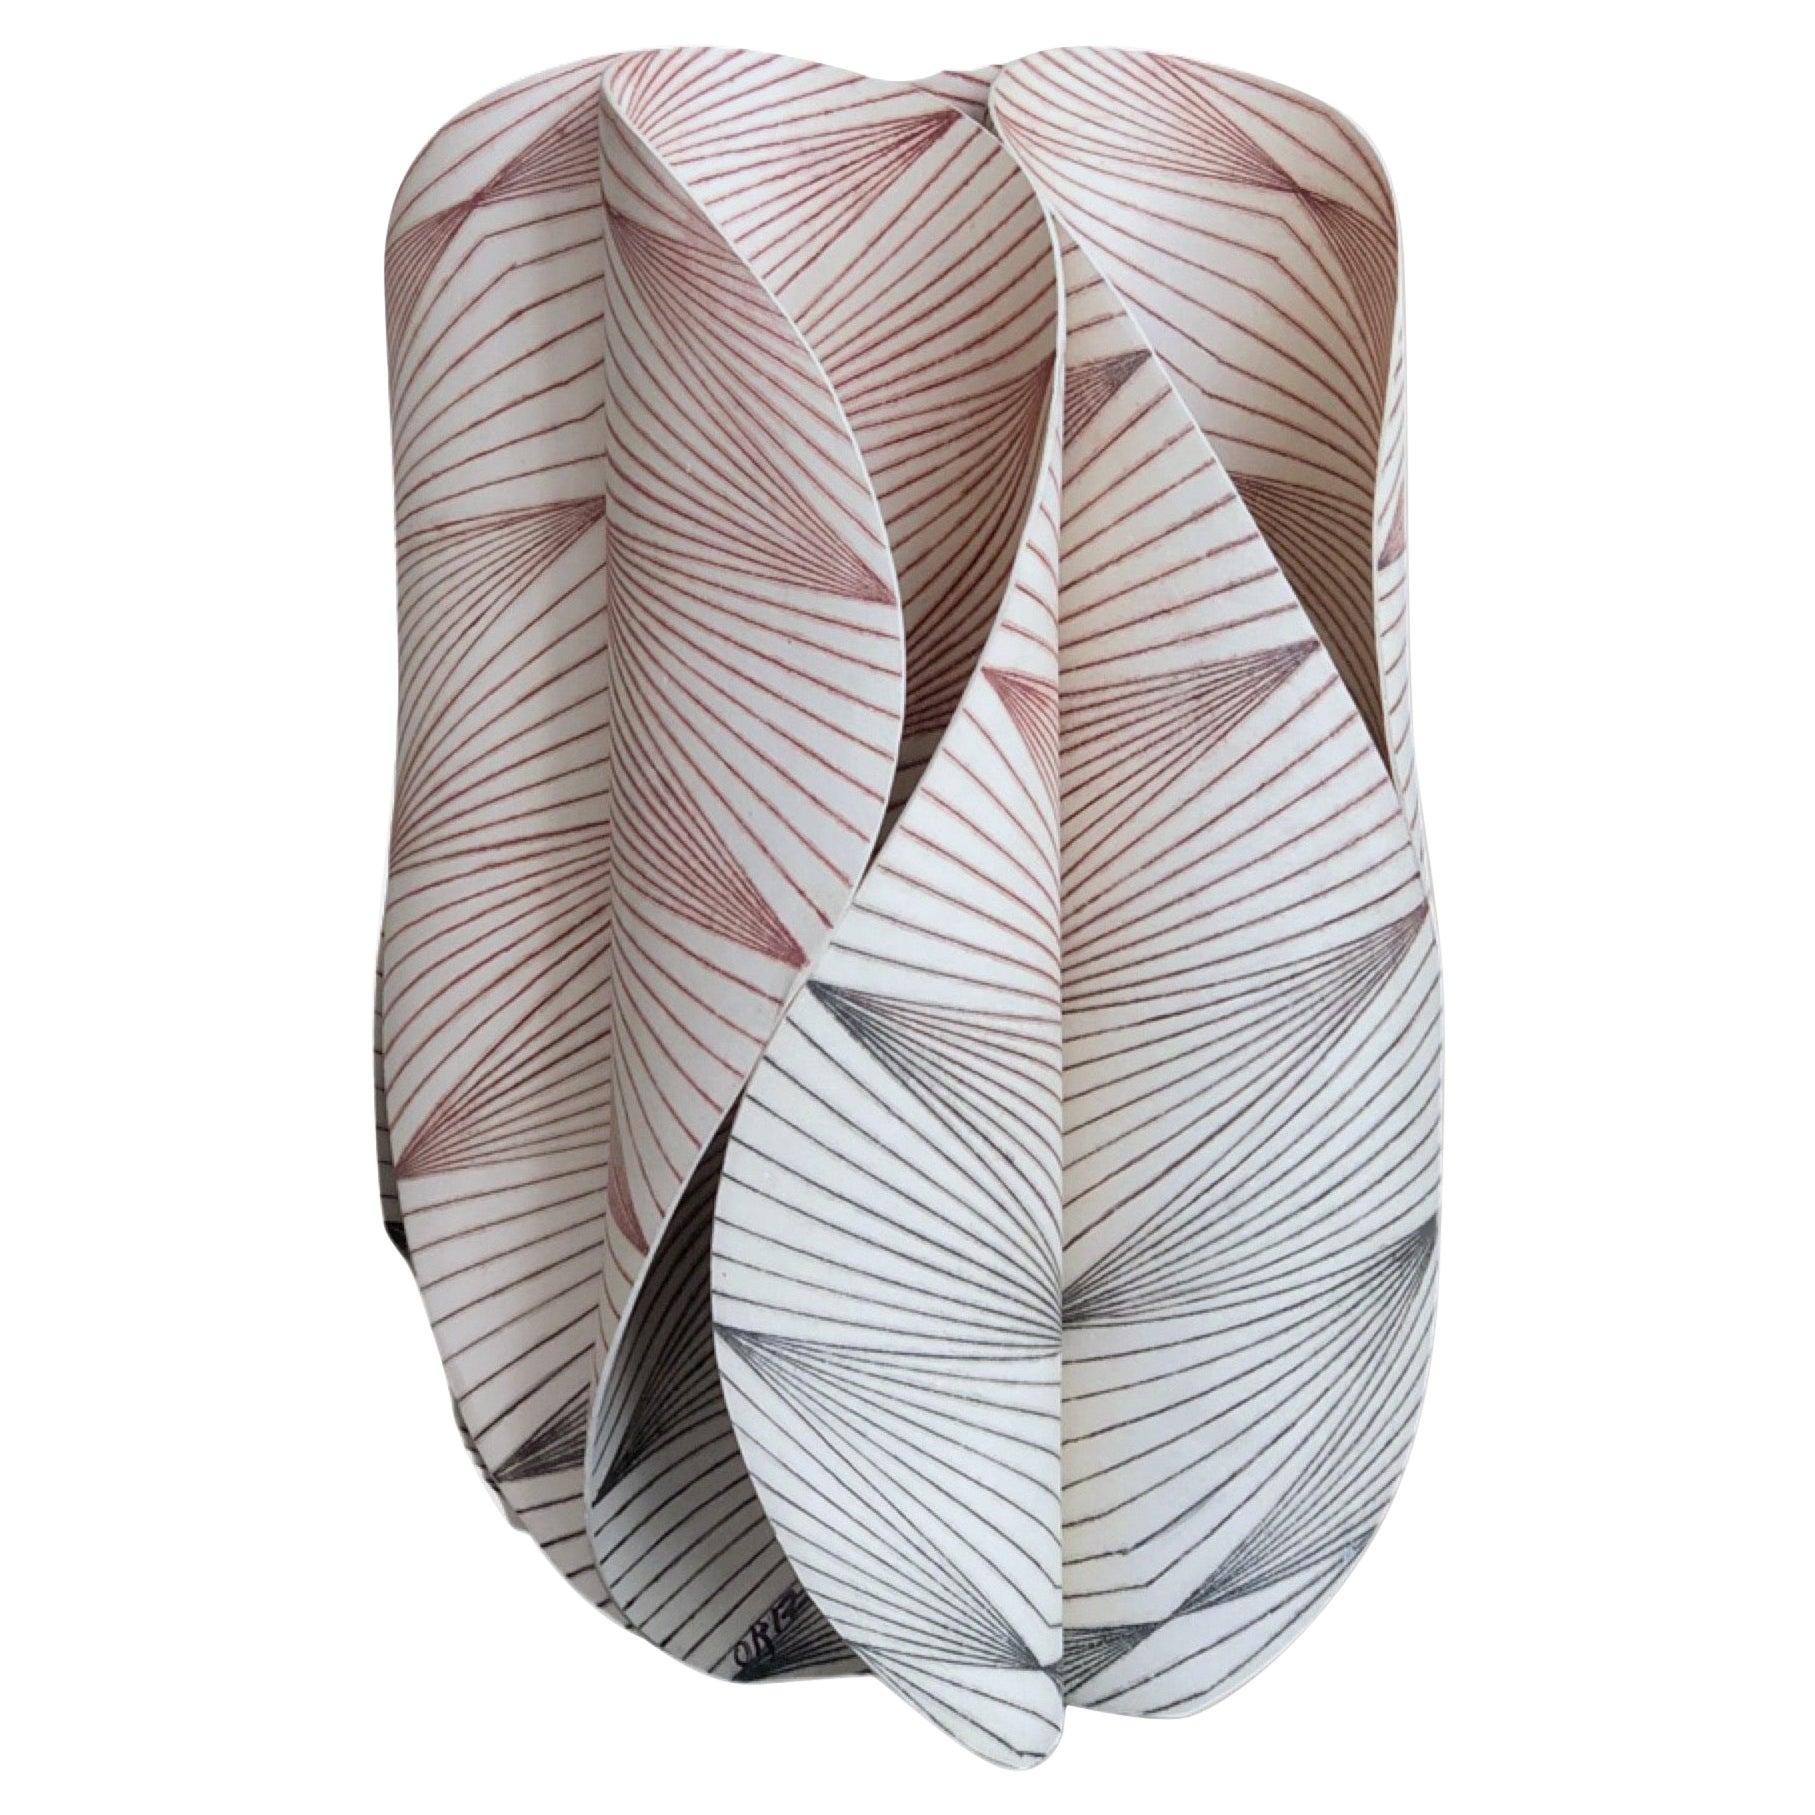 """Abstract Ceramic Sculpture """"Defensa I,"""" by Maria Oriza-Perez"""